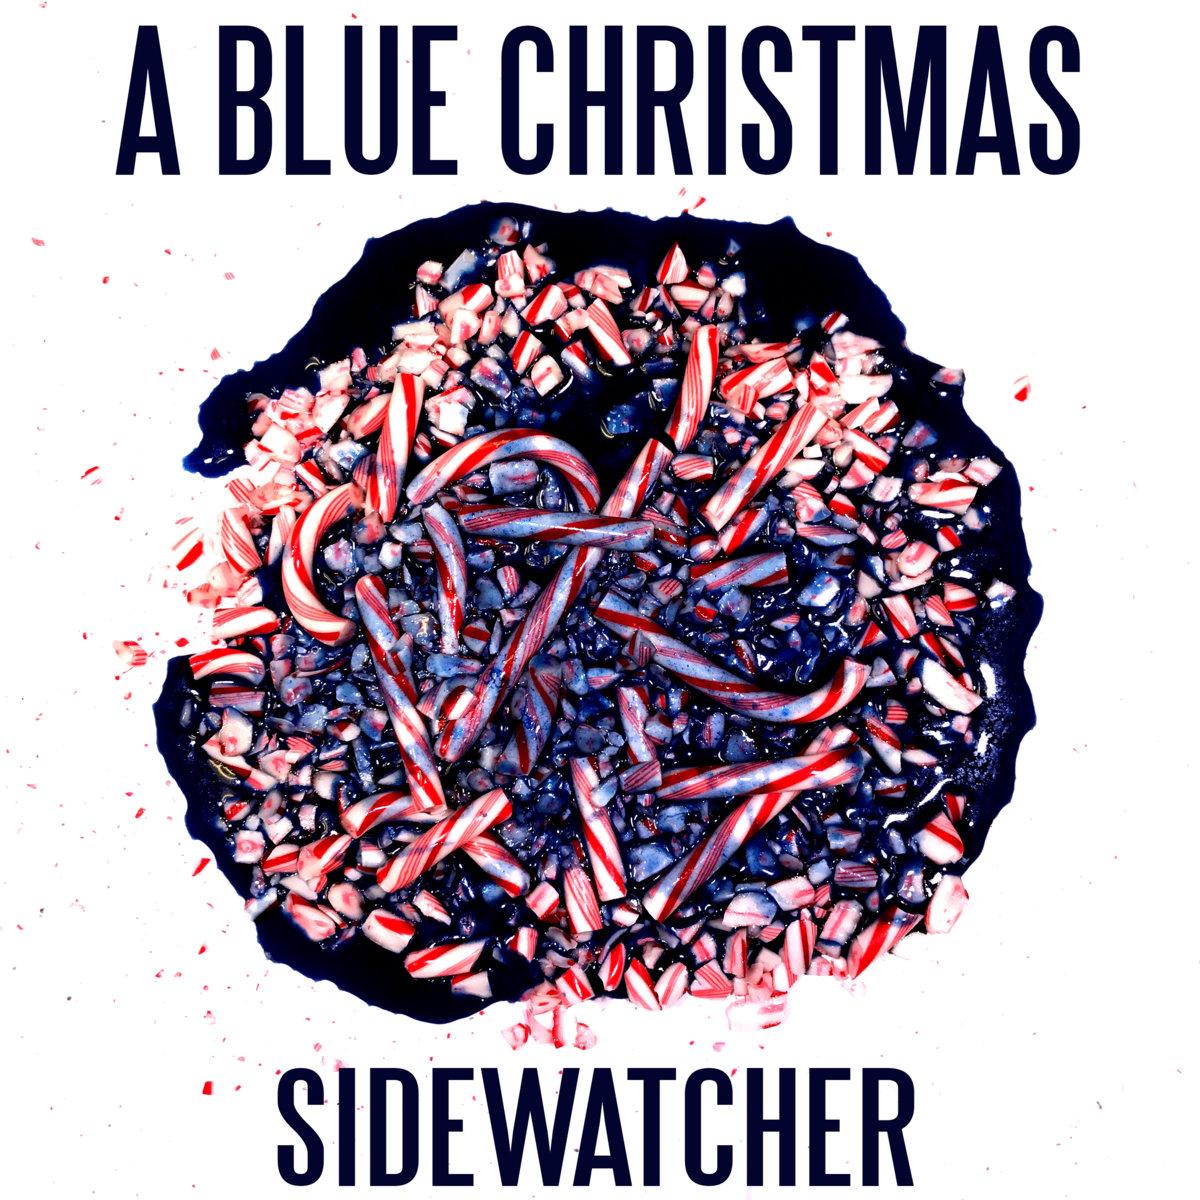 A Blue Christmas.jpg